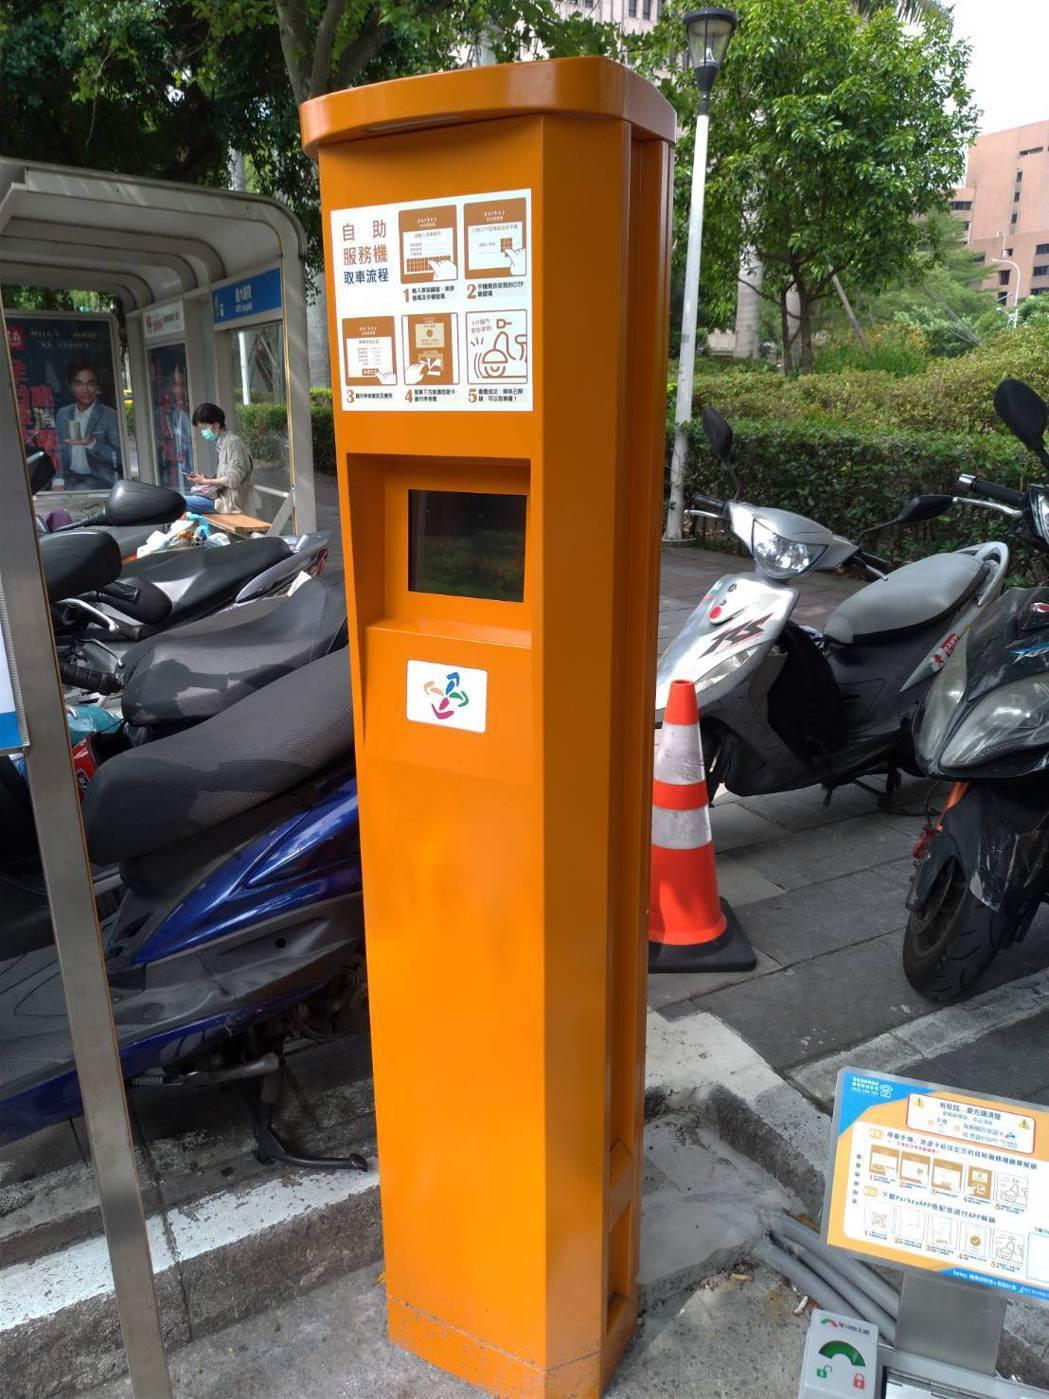 民眾取車時可在自動服務機用悠遊卡付費、解鎖。圖/北市停管處提供